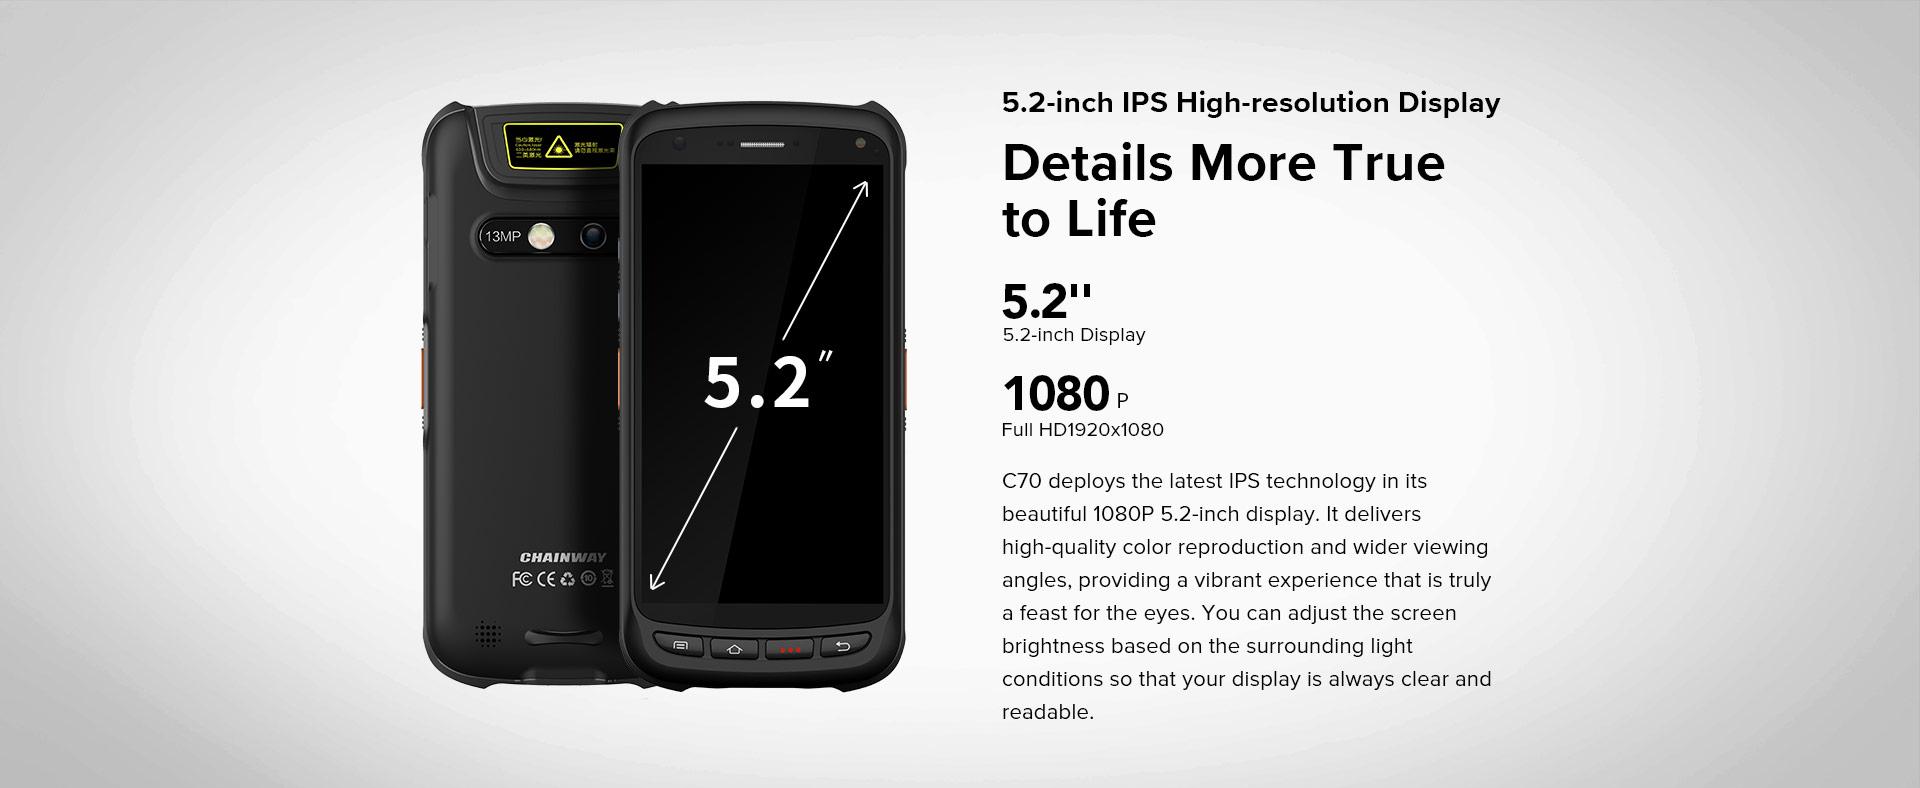 Handheld C70 Chainway Details